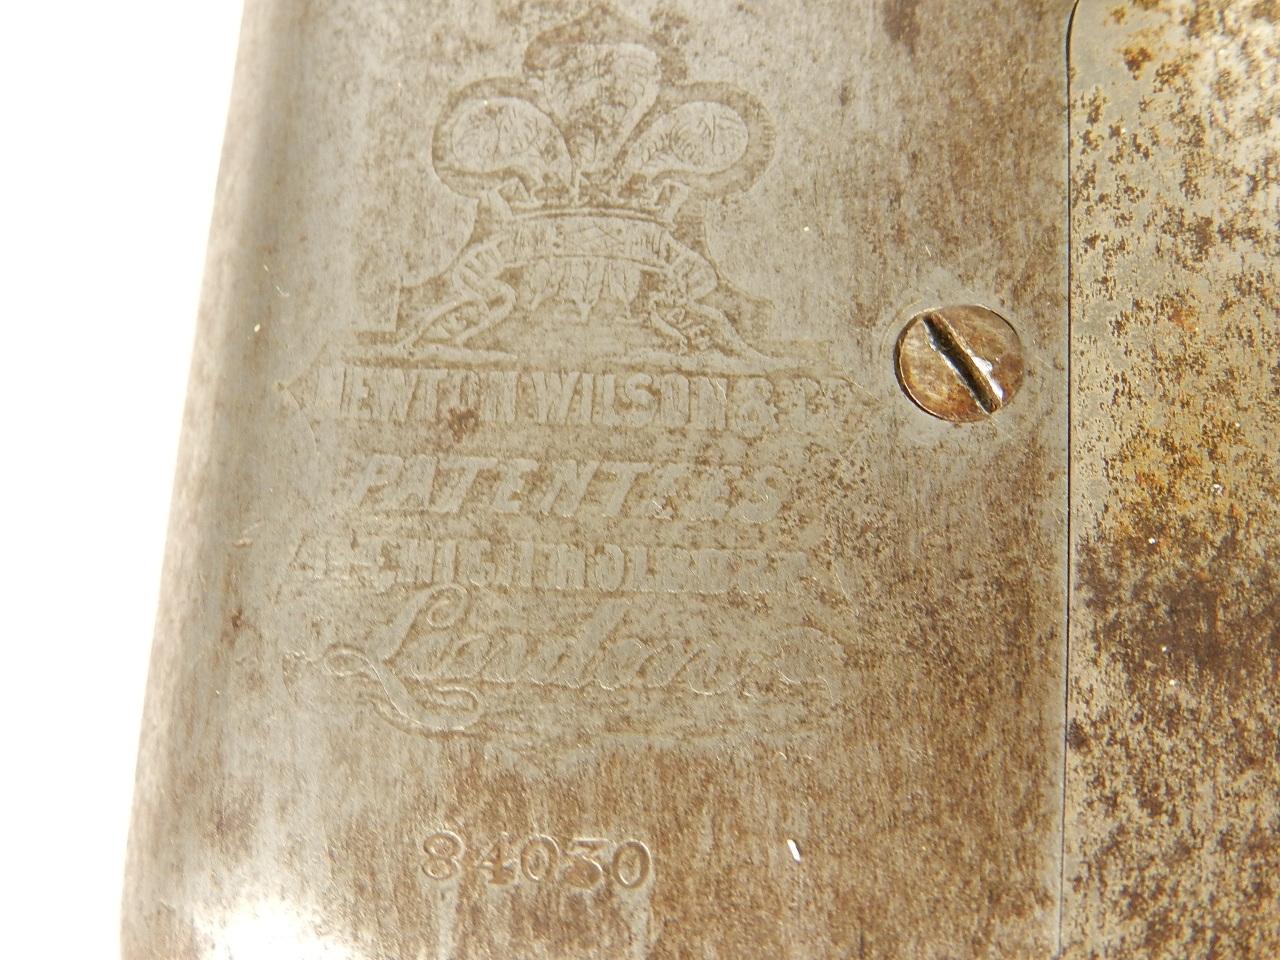 Imagen PRINCESS OF WALES AÑO 1878 33141